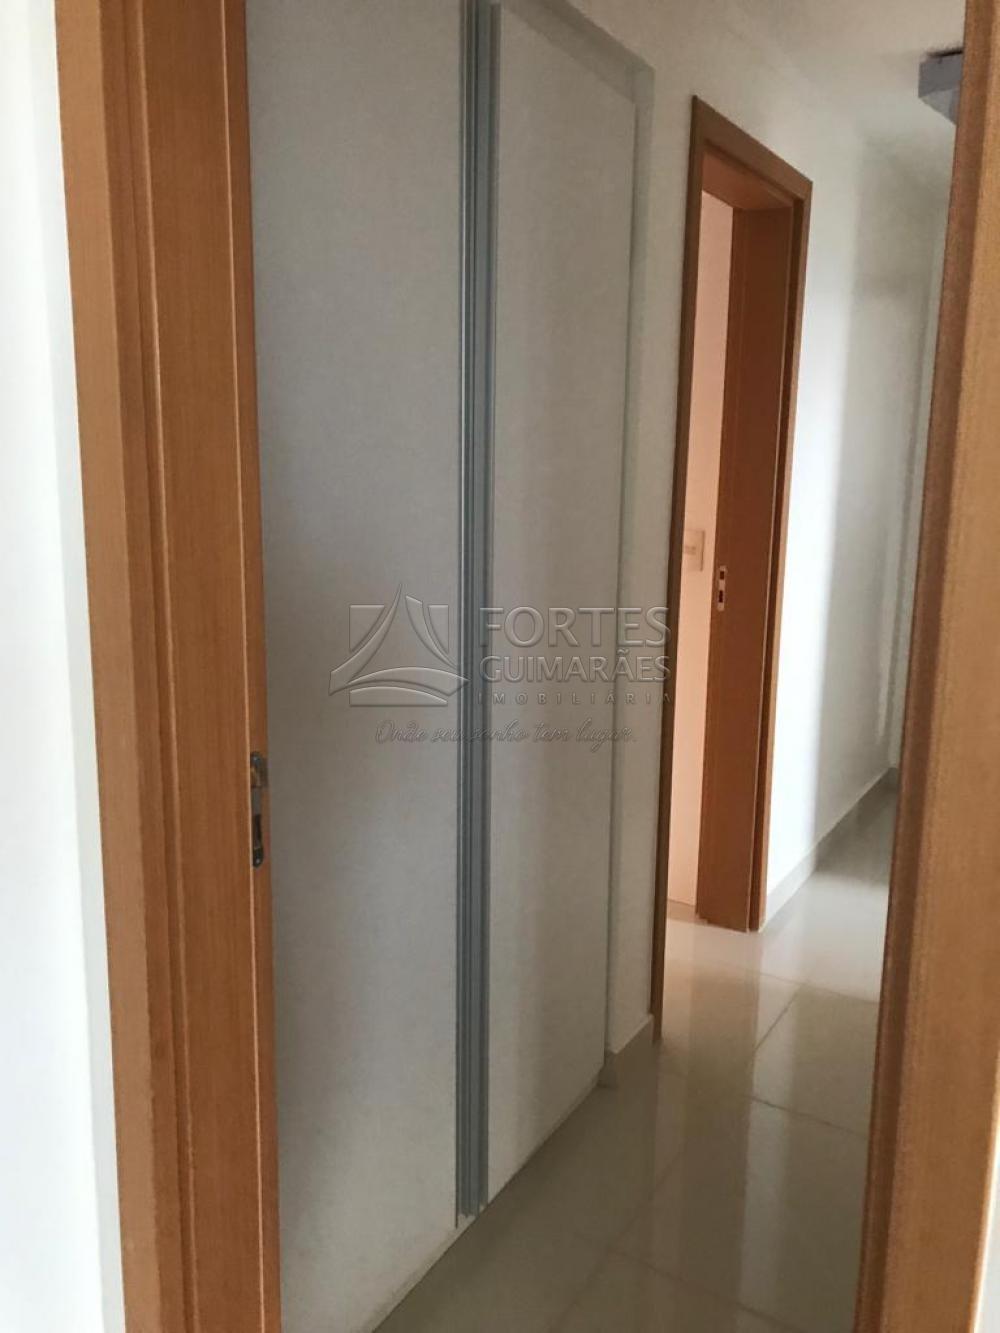 Alugar Apartamentos / Padrão em Ribeirão Preto apenas R$ 3.500,00 - Foto 18